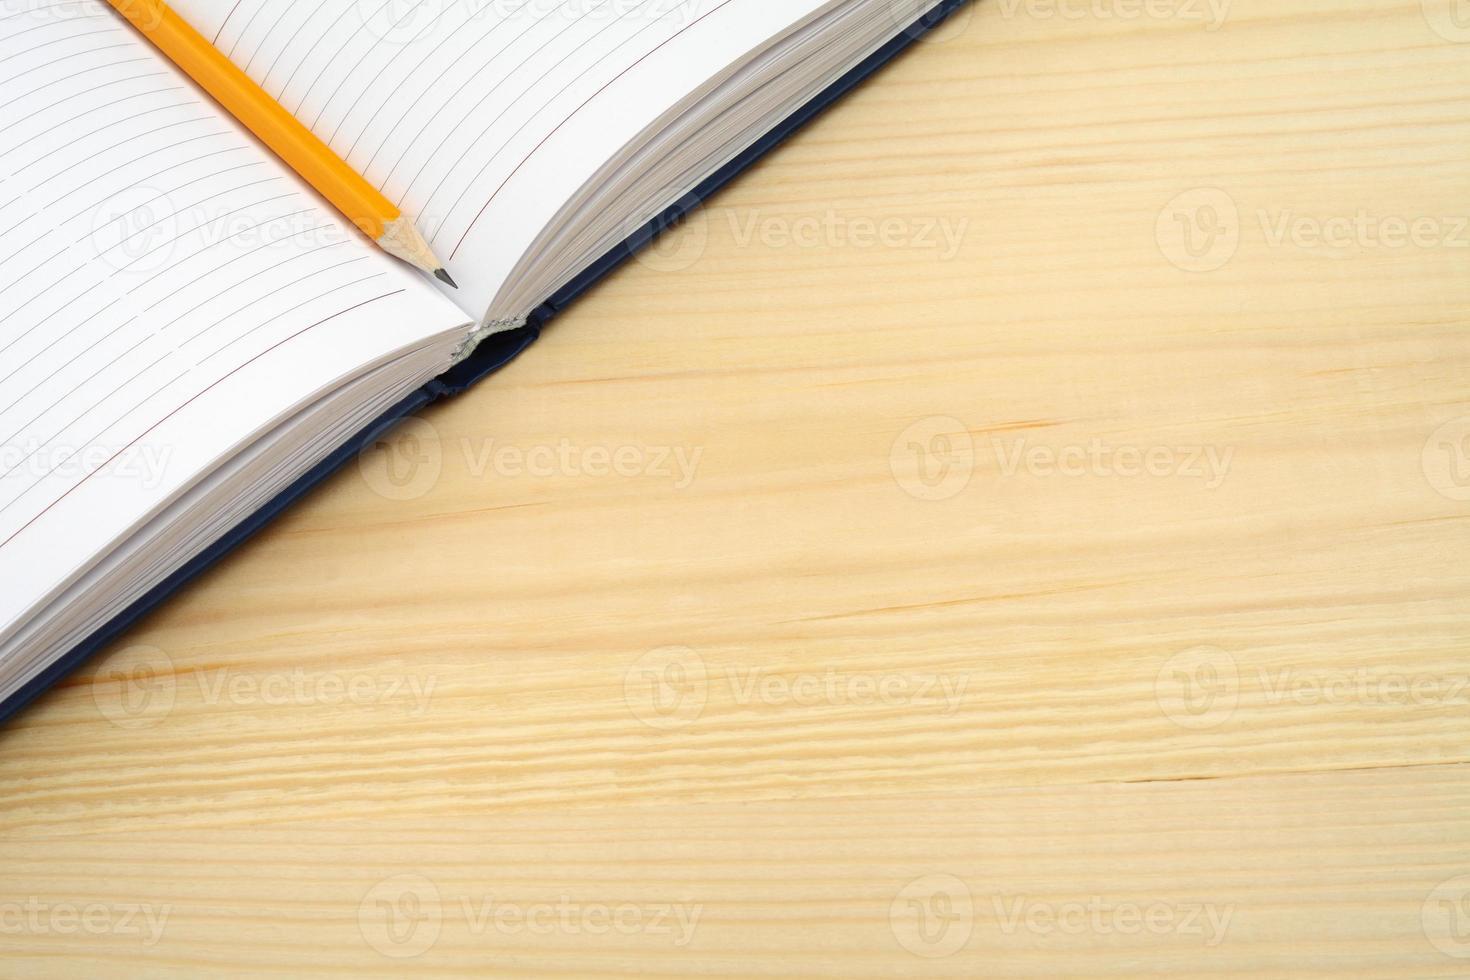 diario y lápiz sobre tabla de madera con espacio de texto libre. foto